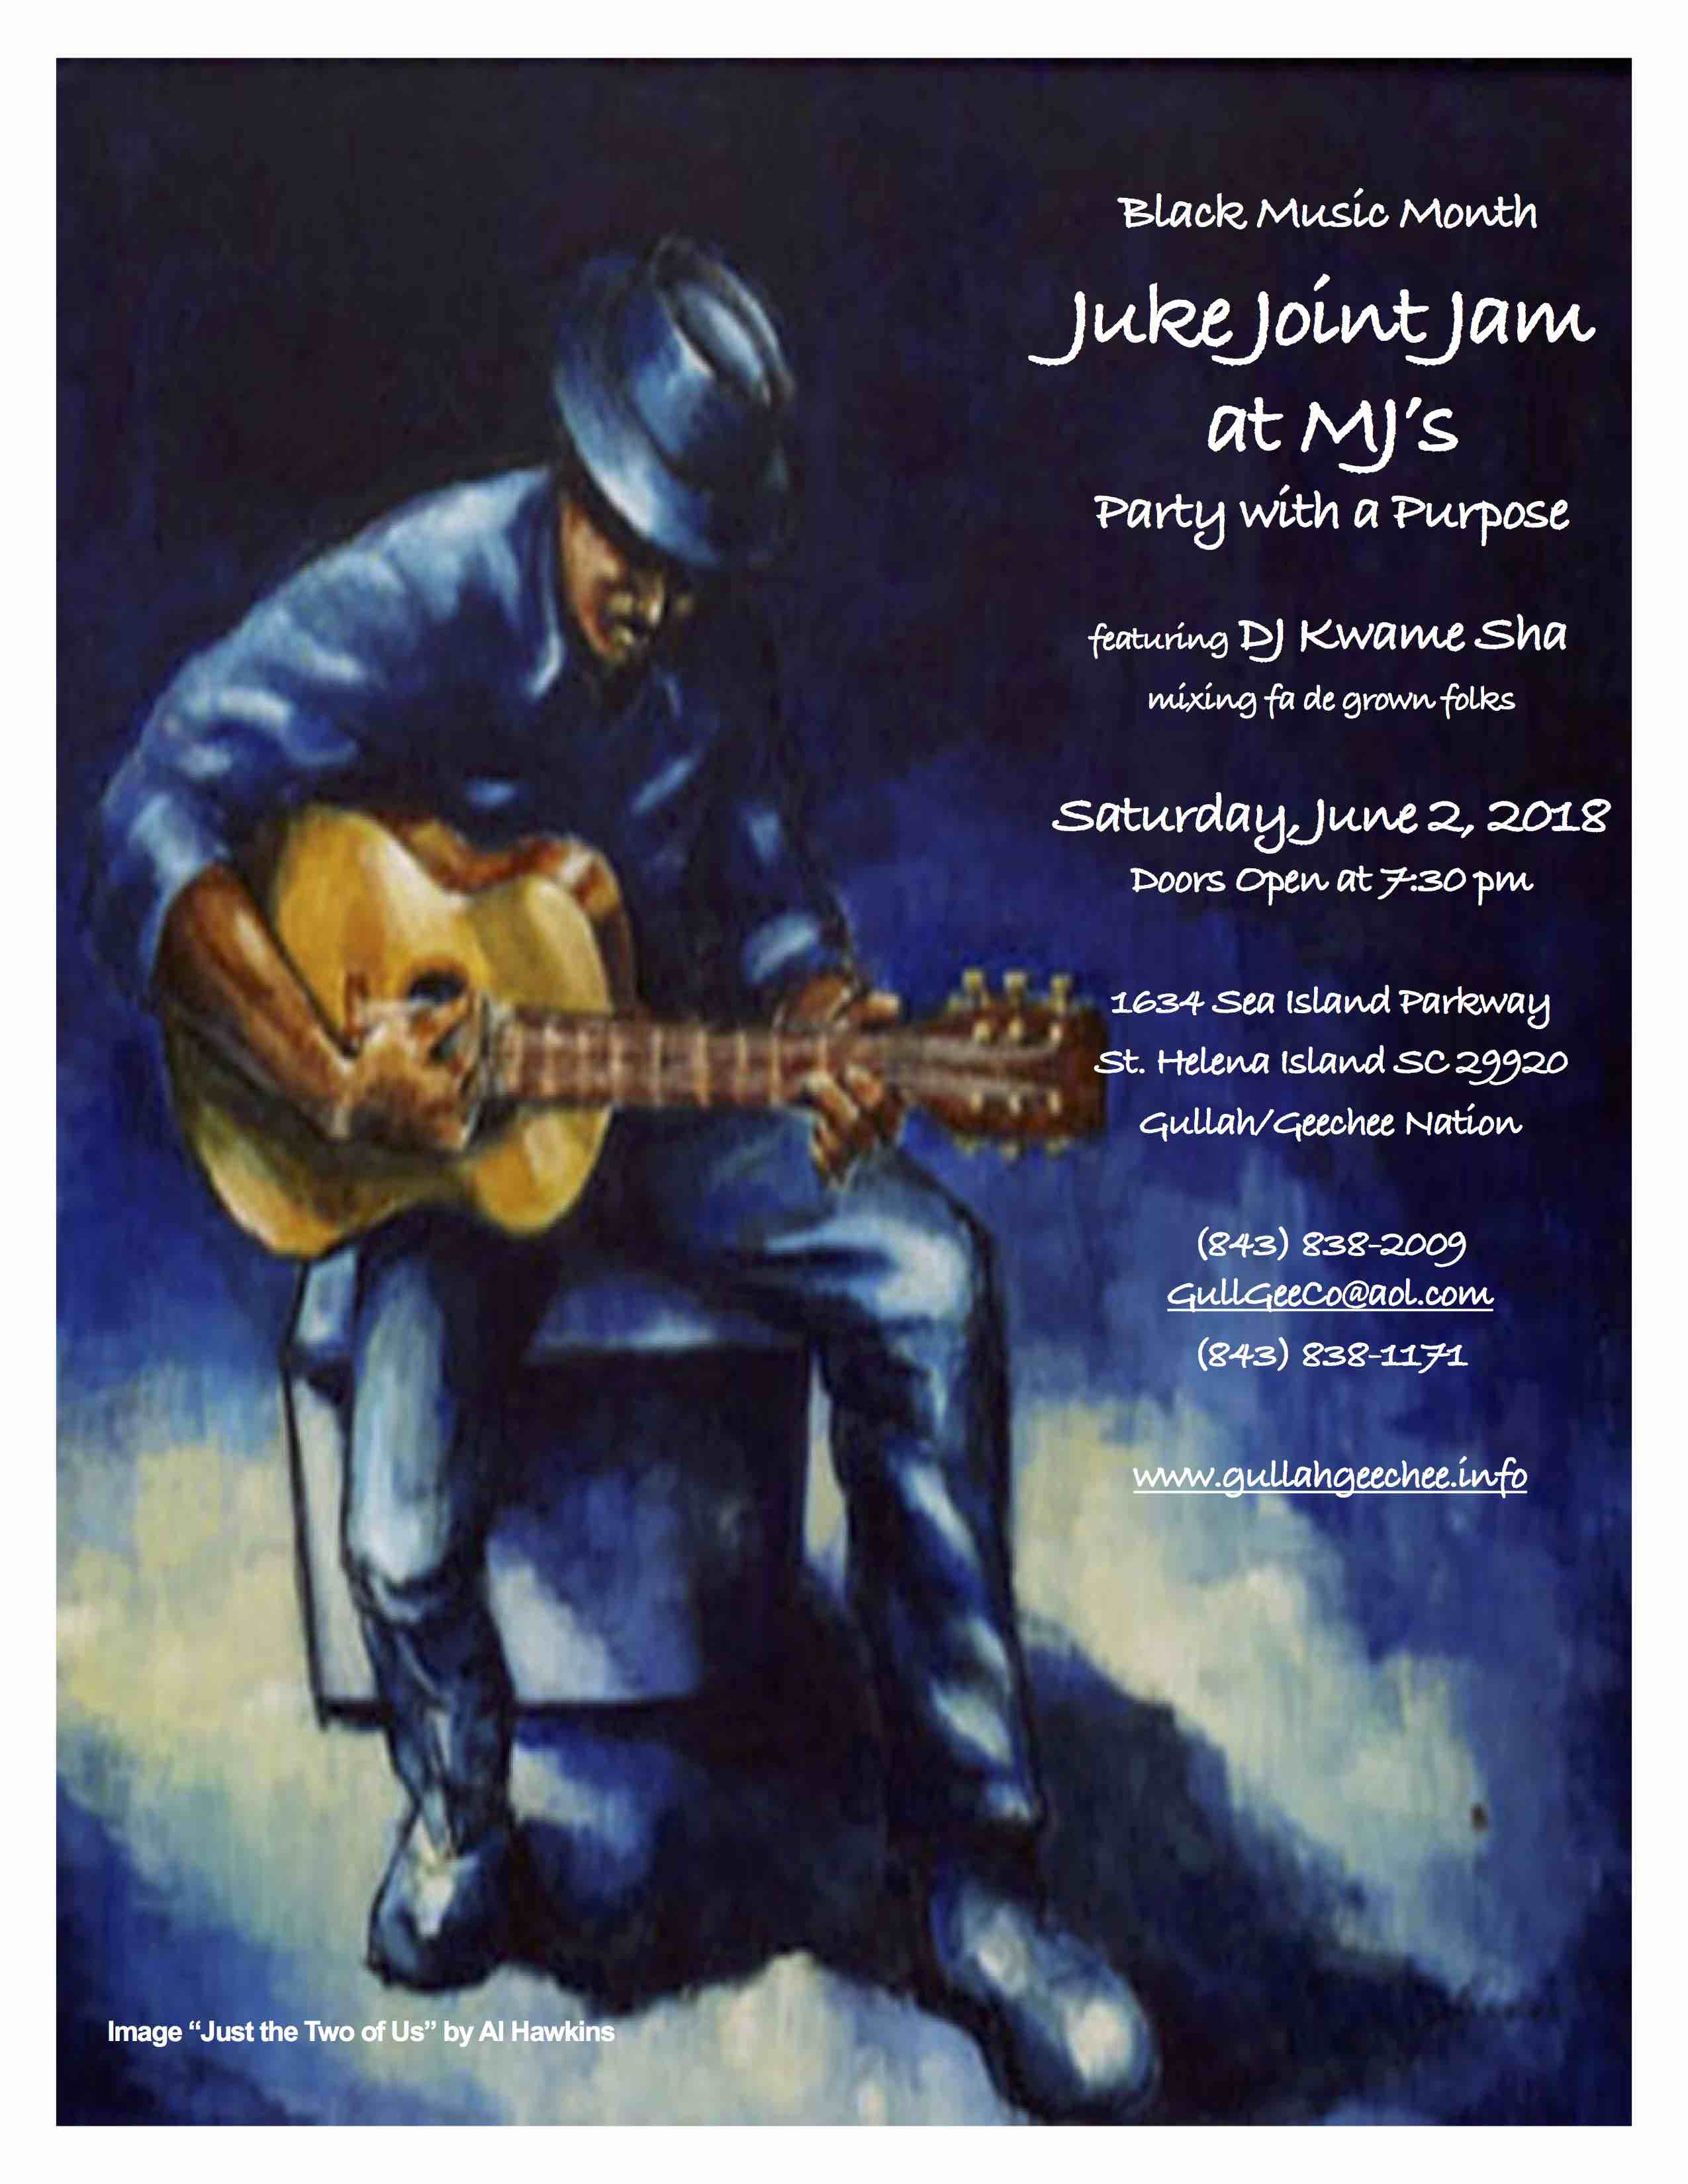 Juke Joint Jam at MJ's Flyer